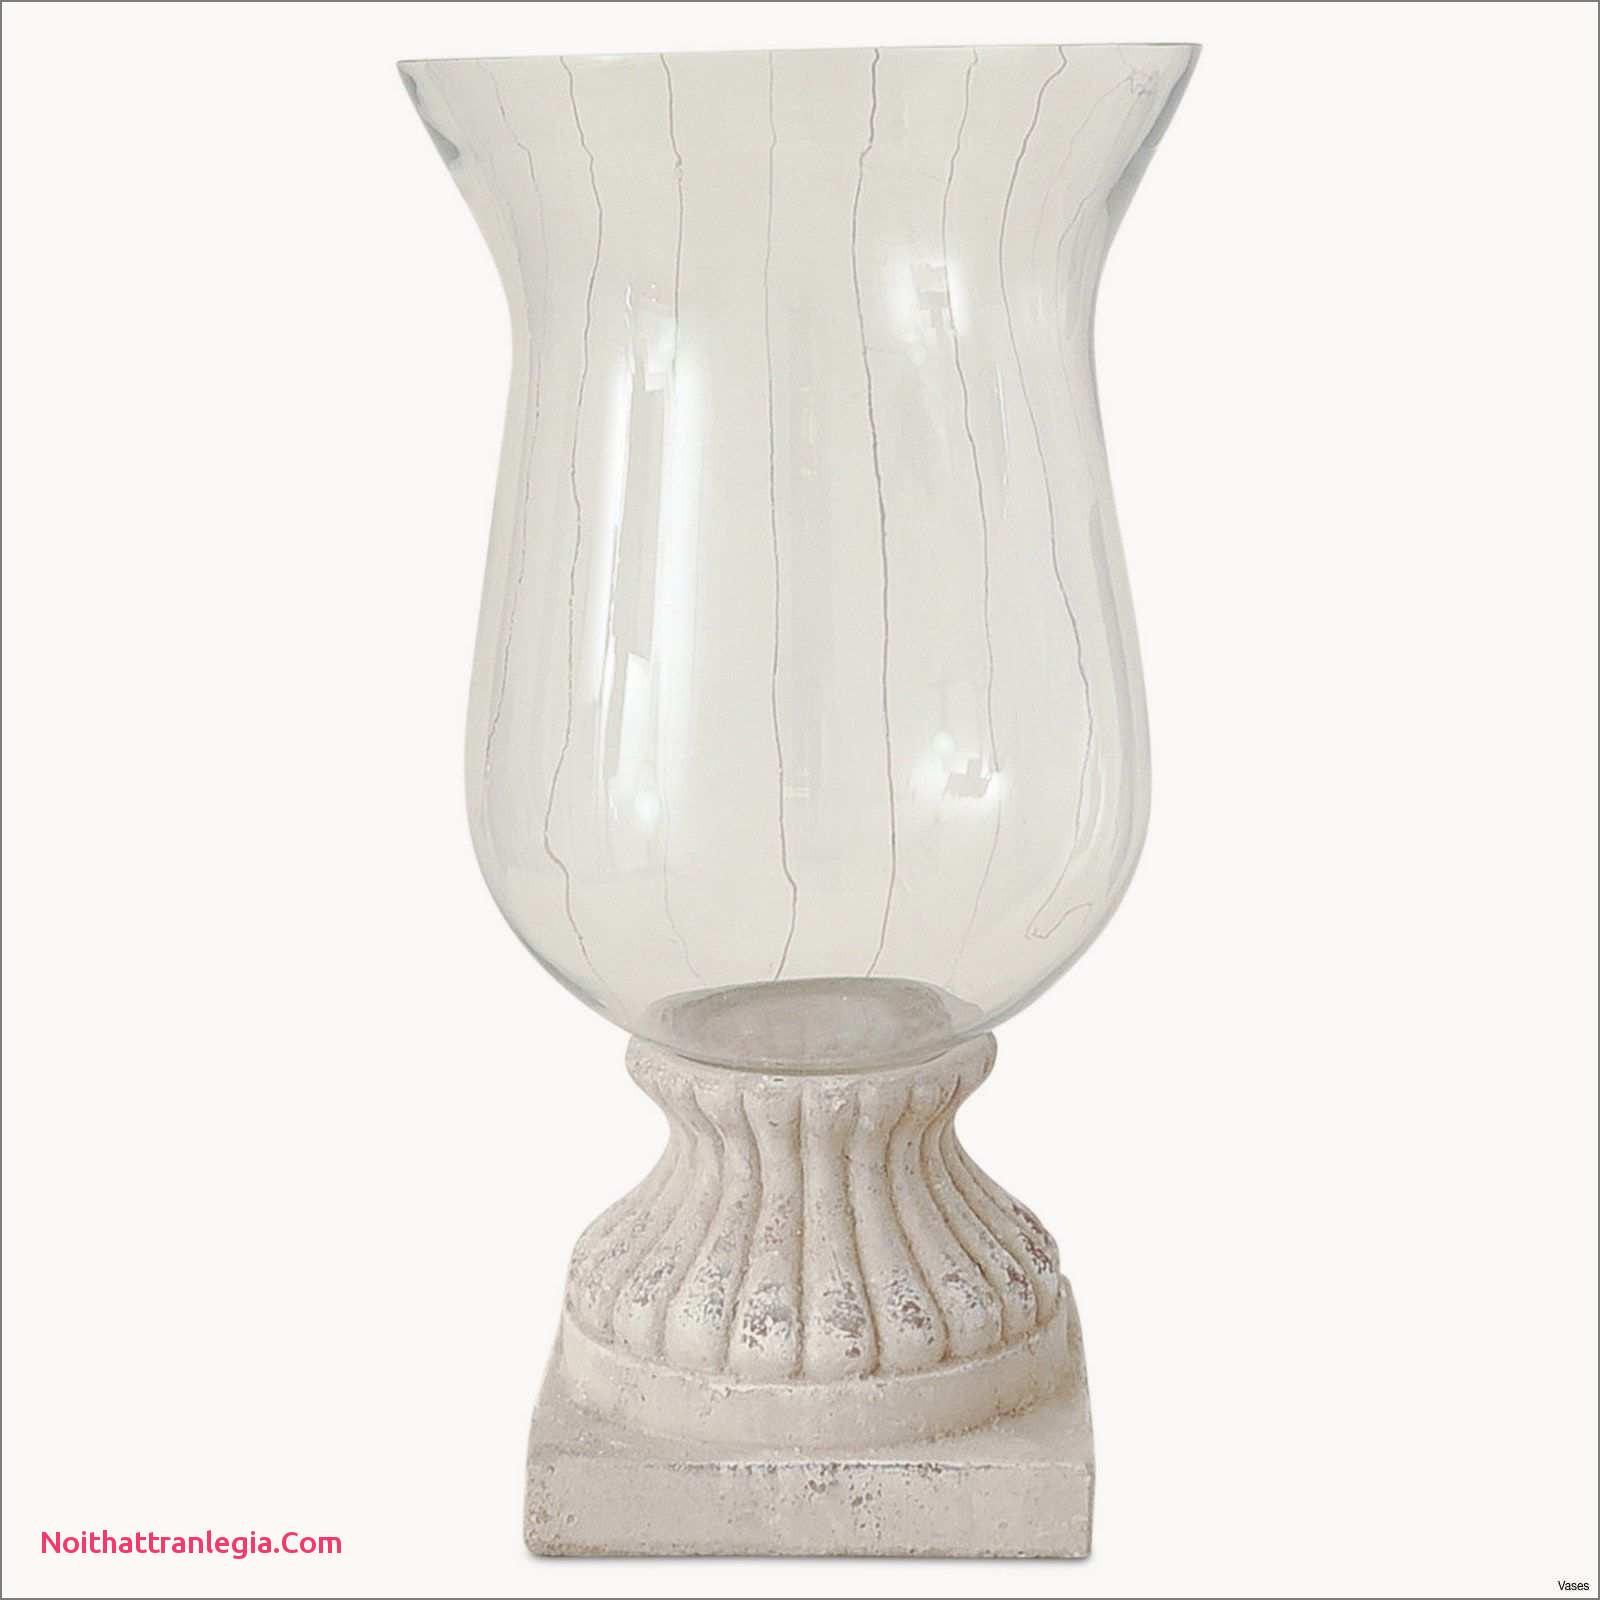 eiffel tower vase light base of 20 how to make mercury glass vases noithattranlegia vases design in vase lighting base gallery gold table lamp base fresh how to make a table lamp 10h